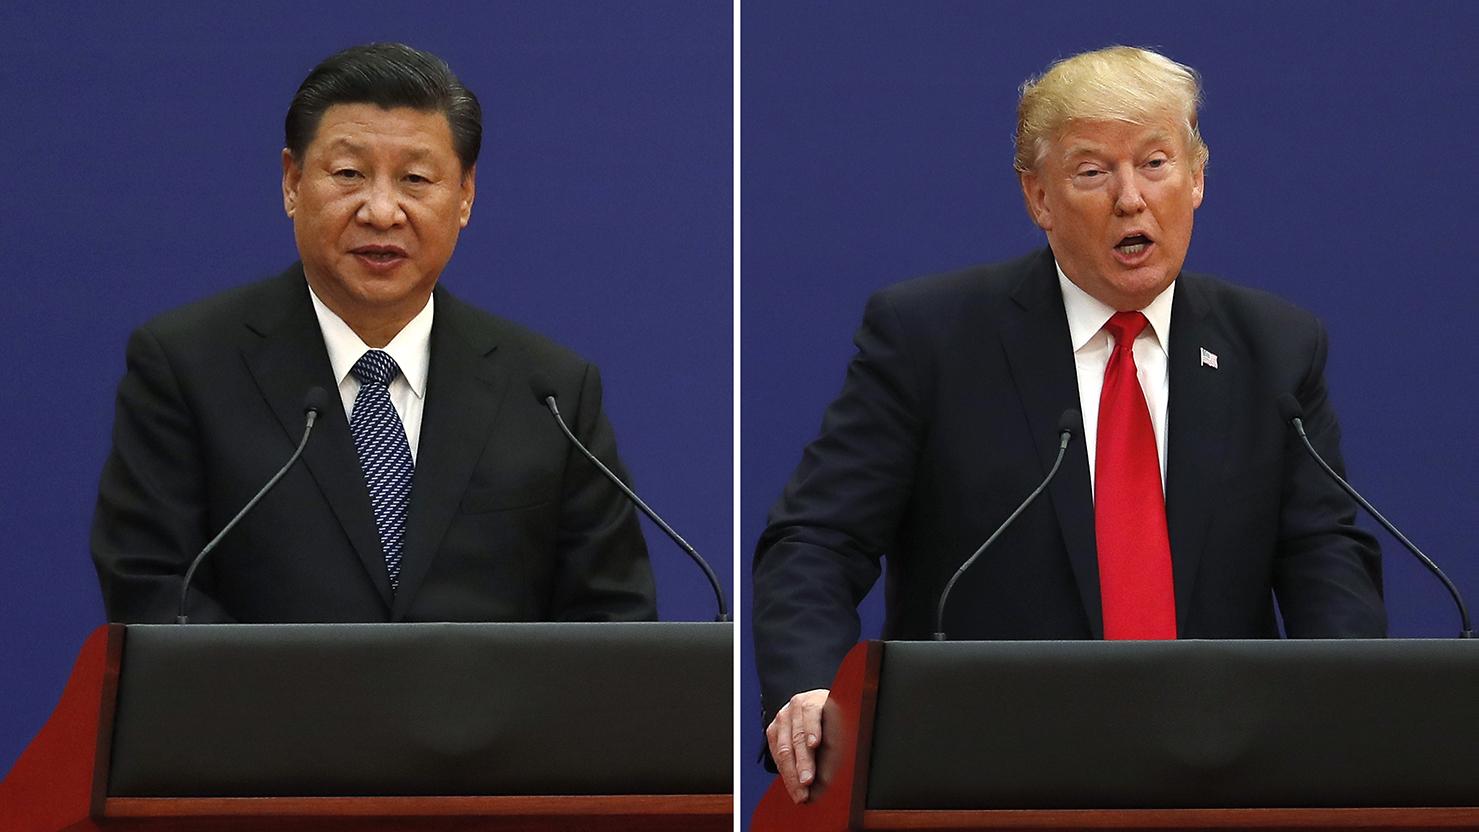 中国国家主席习近平(左)和美国总统特朗普。(美联社)